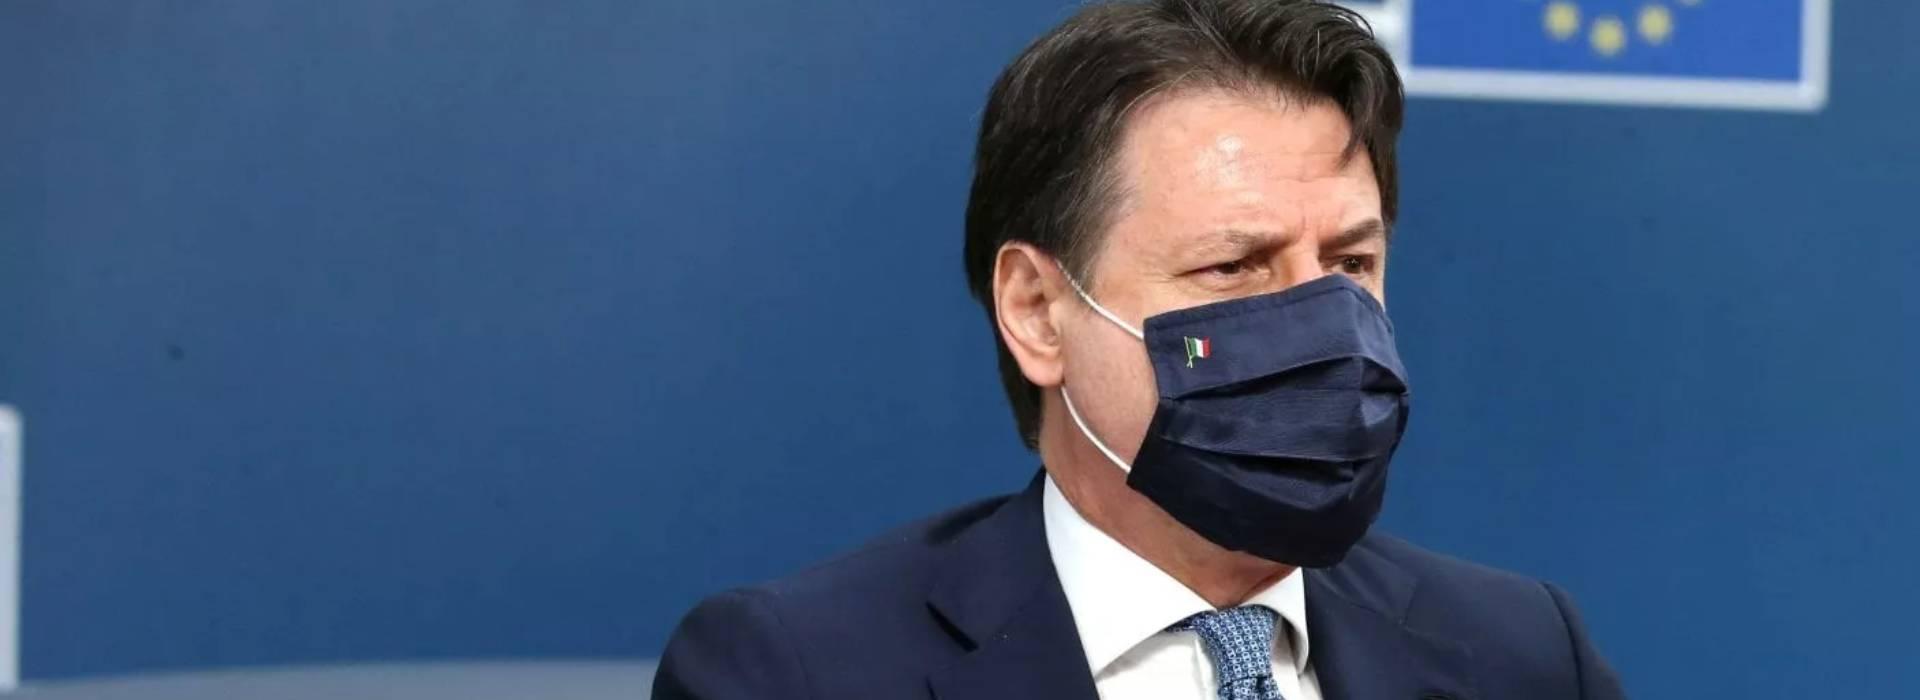 """Covid: aperto fascicolo contro Conte per """"omicidio colposo"""". La procura di Roma invia atti al Tribunale dei Ministri"""